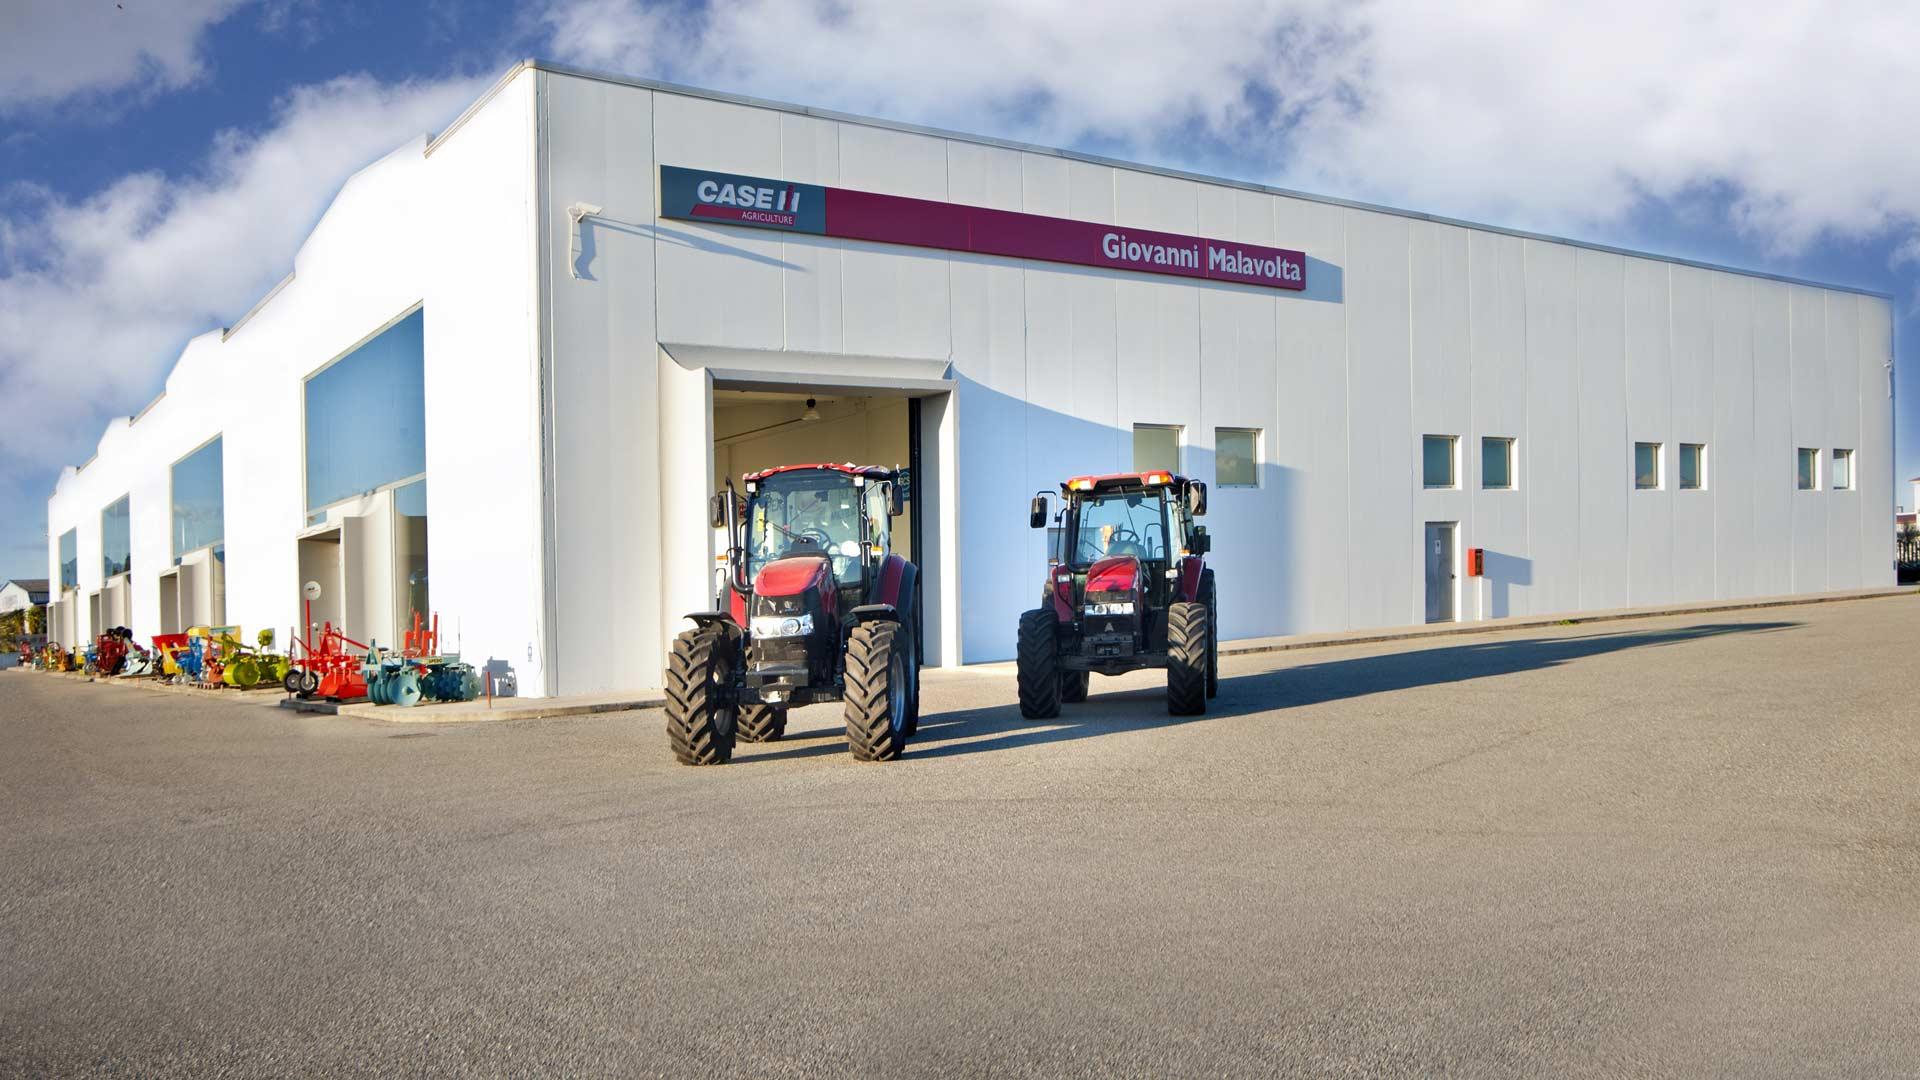 Immagine della concessionaria di trattori malavolta